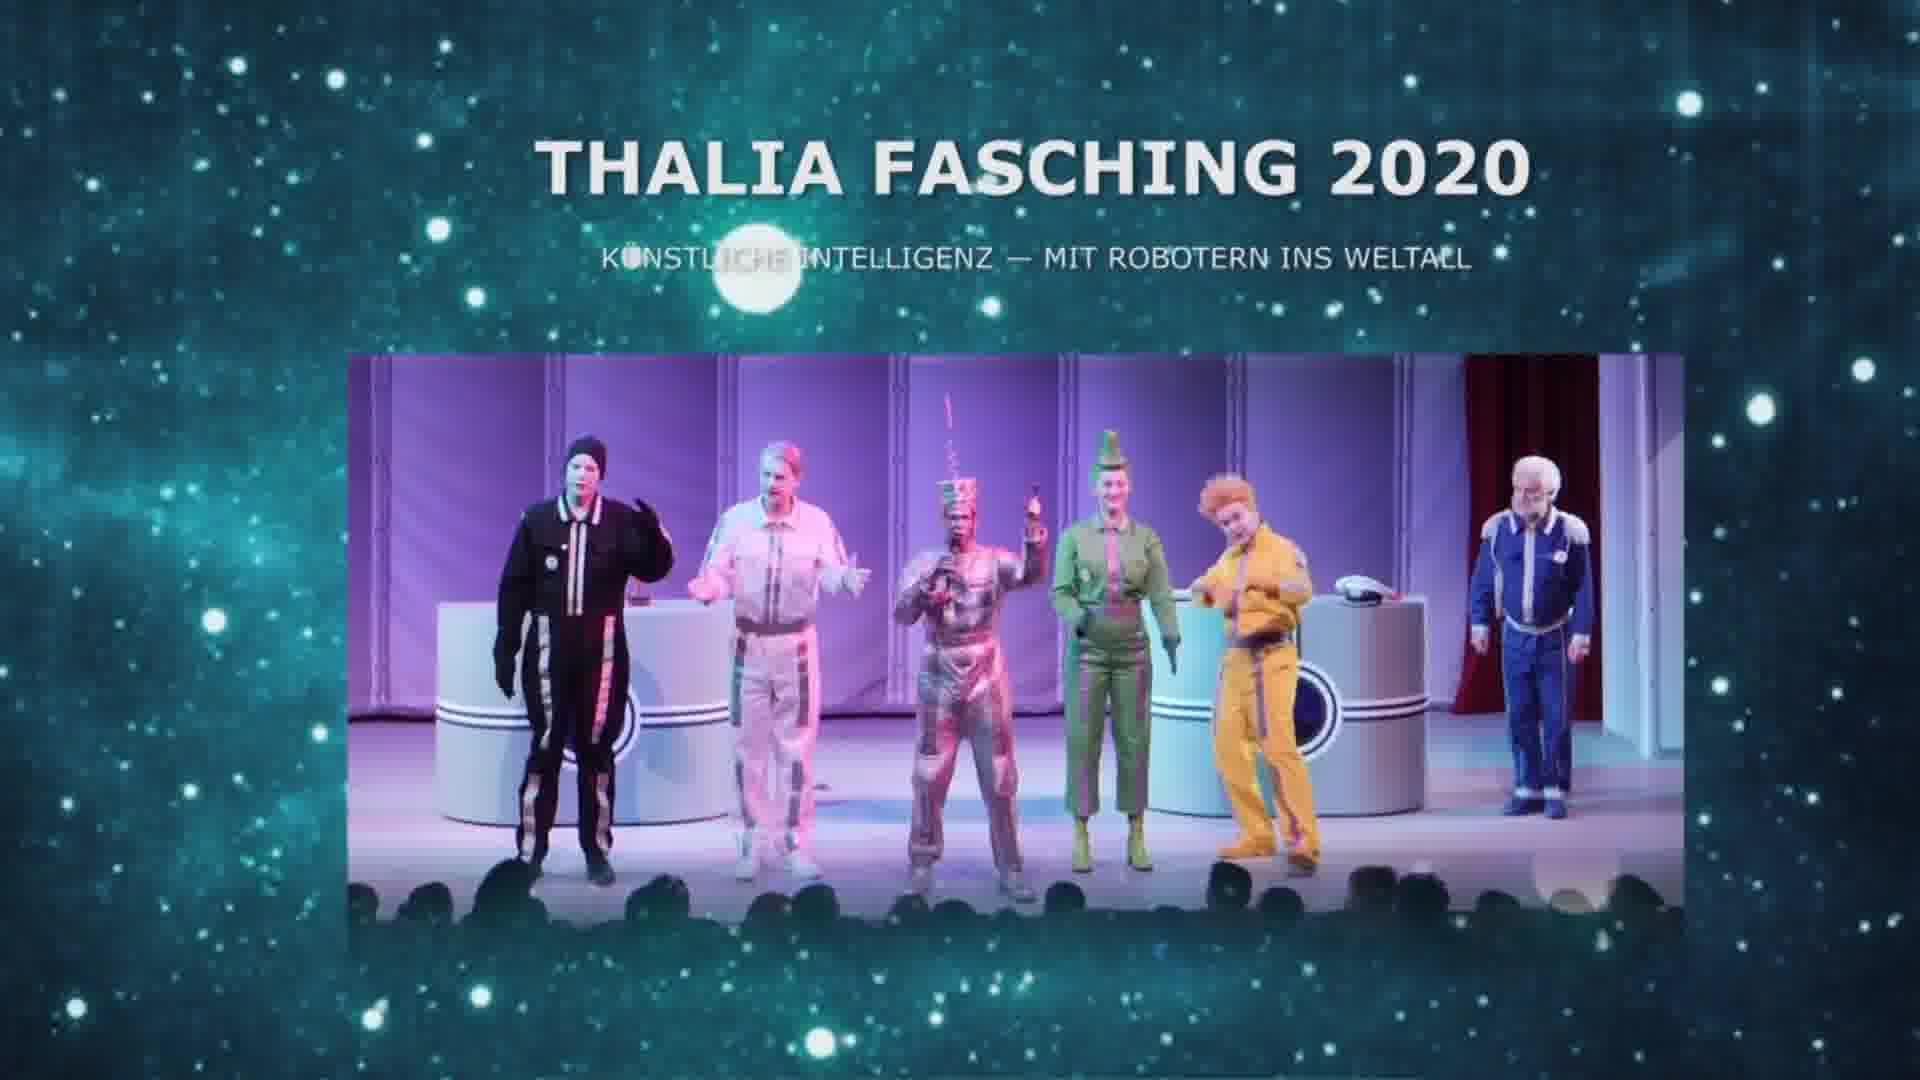 Thalia Fasching 2020 Künstliche Intelligenz-MIT ROBOTERN INS WELTALL